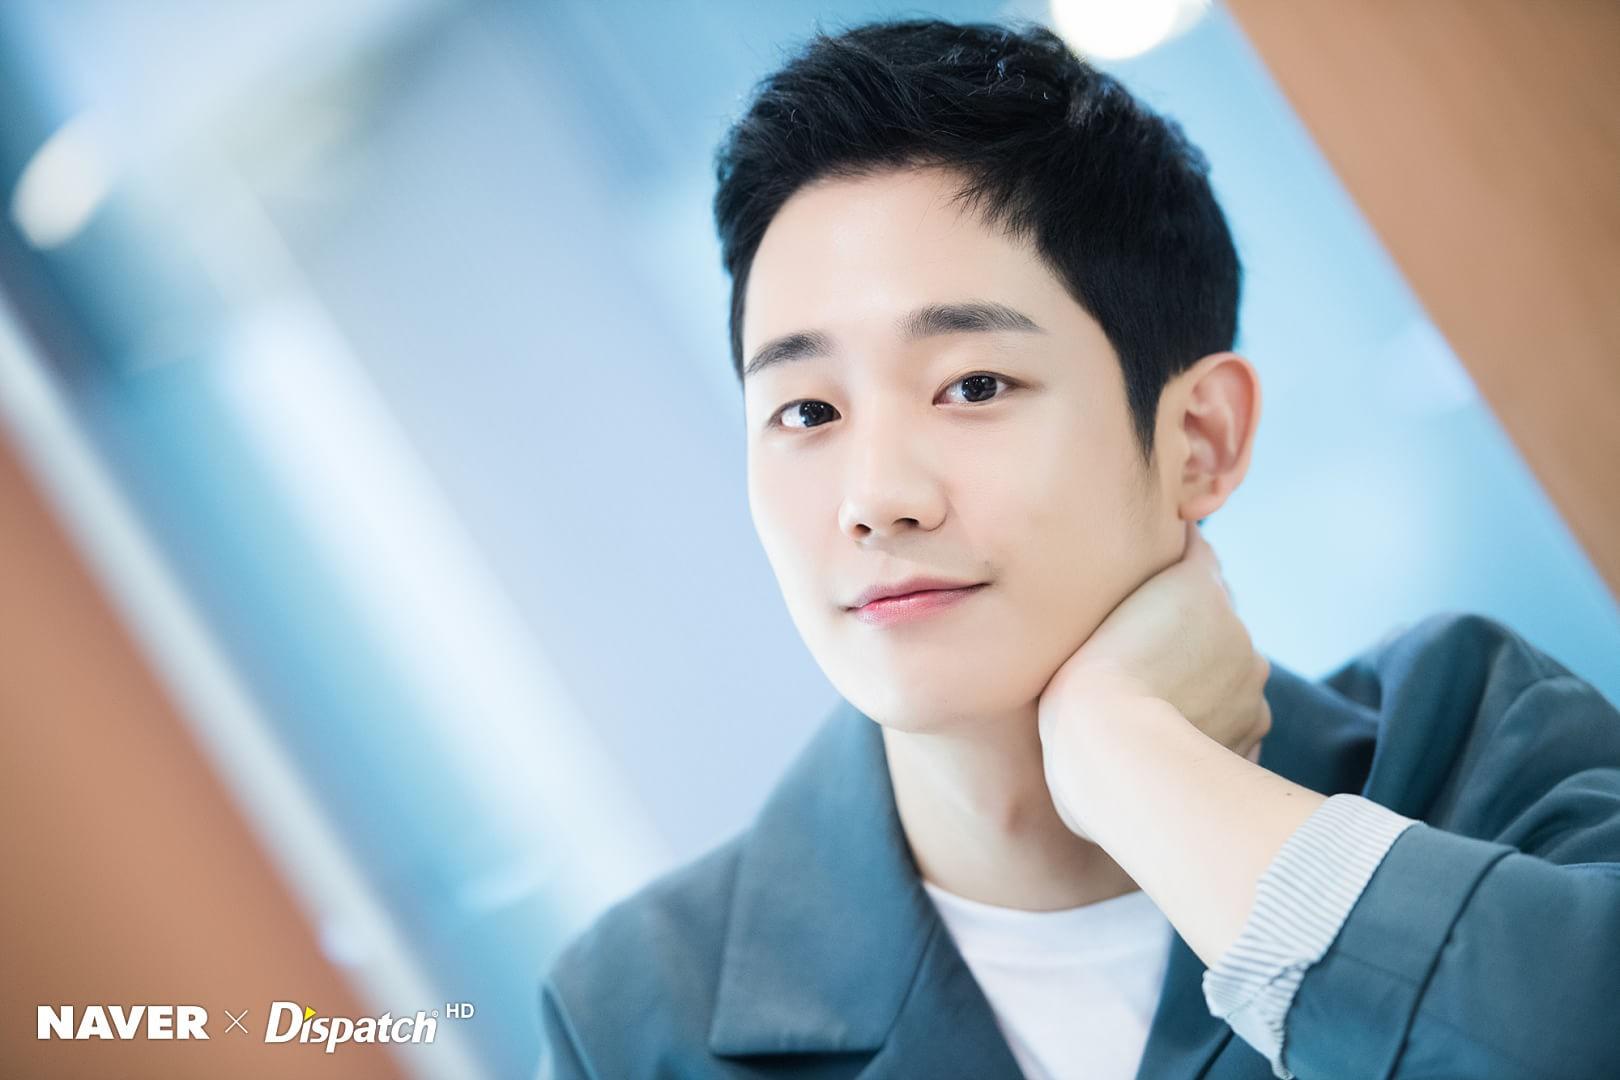 Dispatch tung bộ ảnh zoom đến từng lỗ chân lông của Jung Hae In: Đẳng cấp mỹ nam khiến chị đẹp mê mẩn là đây? - Ảnh 2.